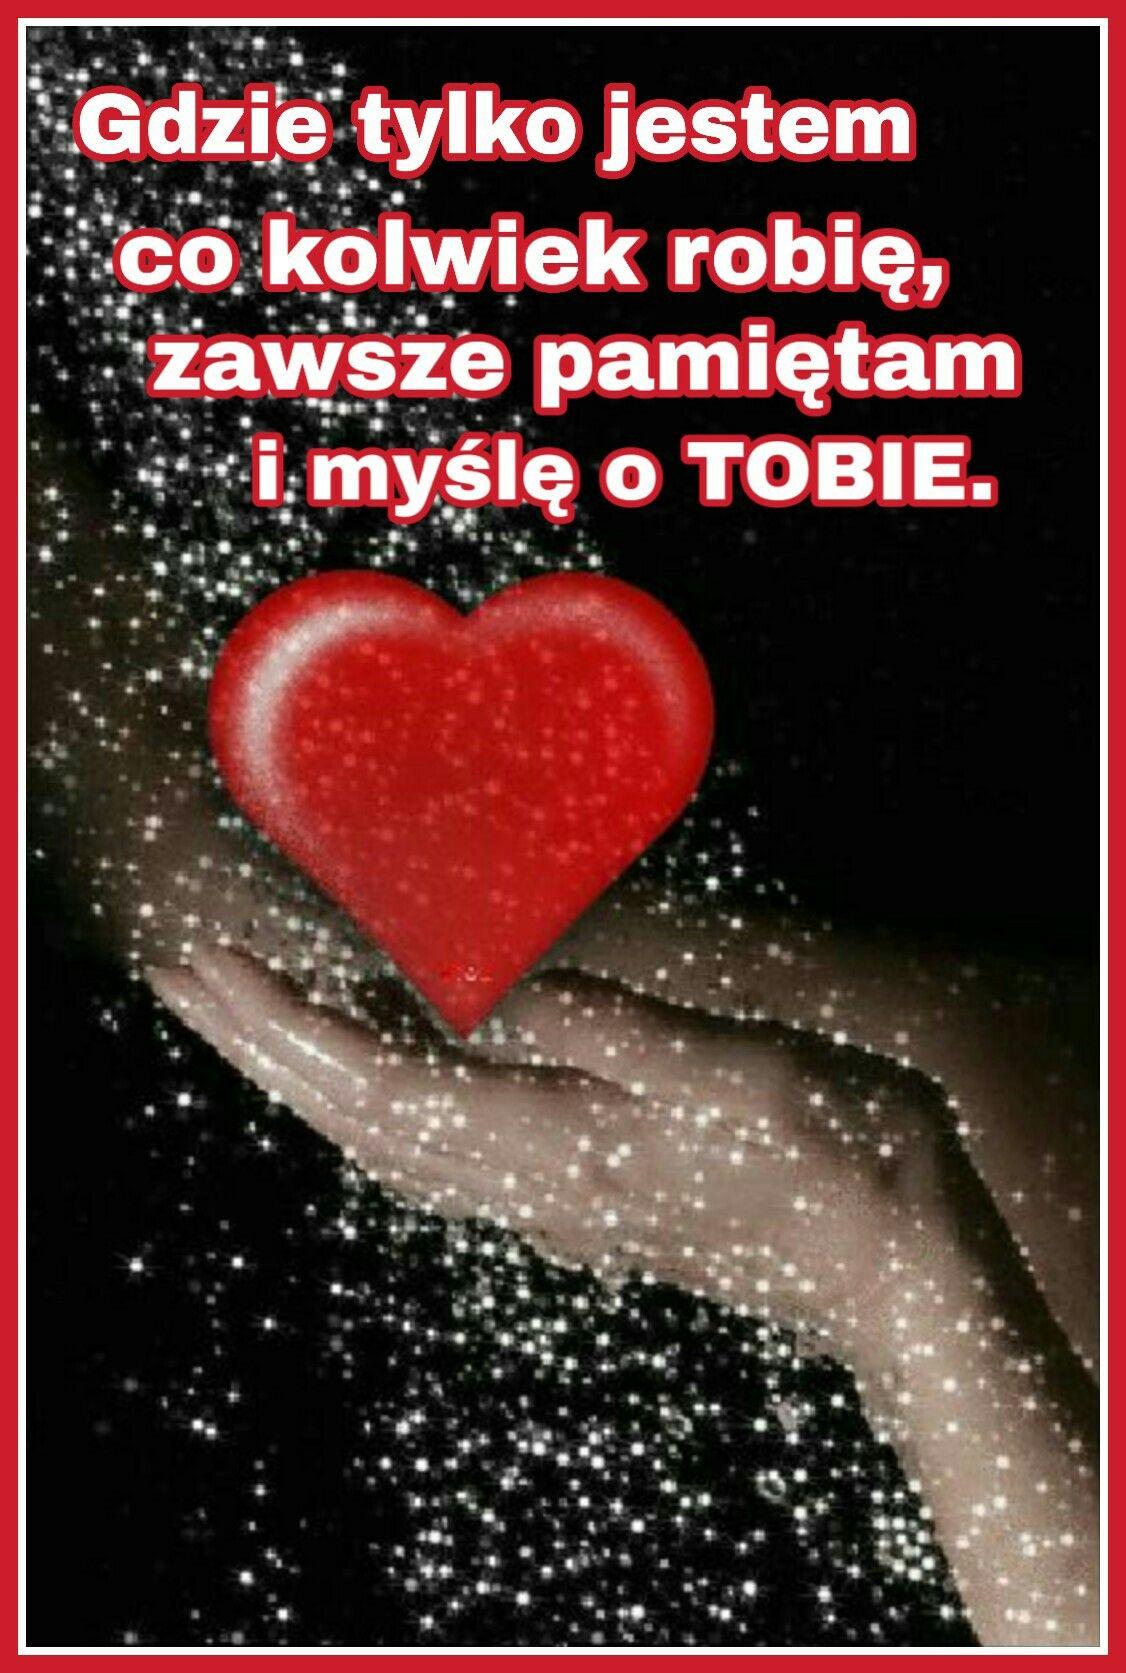 Pin By Mariusz Nie On Dzien Dobry Love Boyfriend Broken Heart Wallpaper Love Images